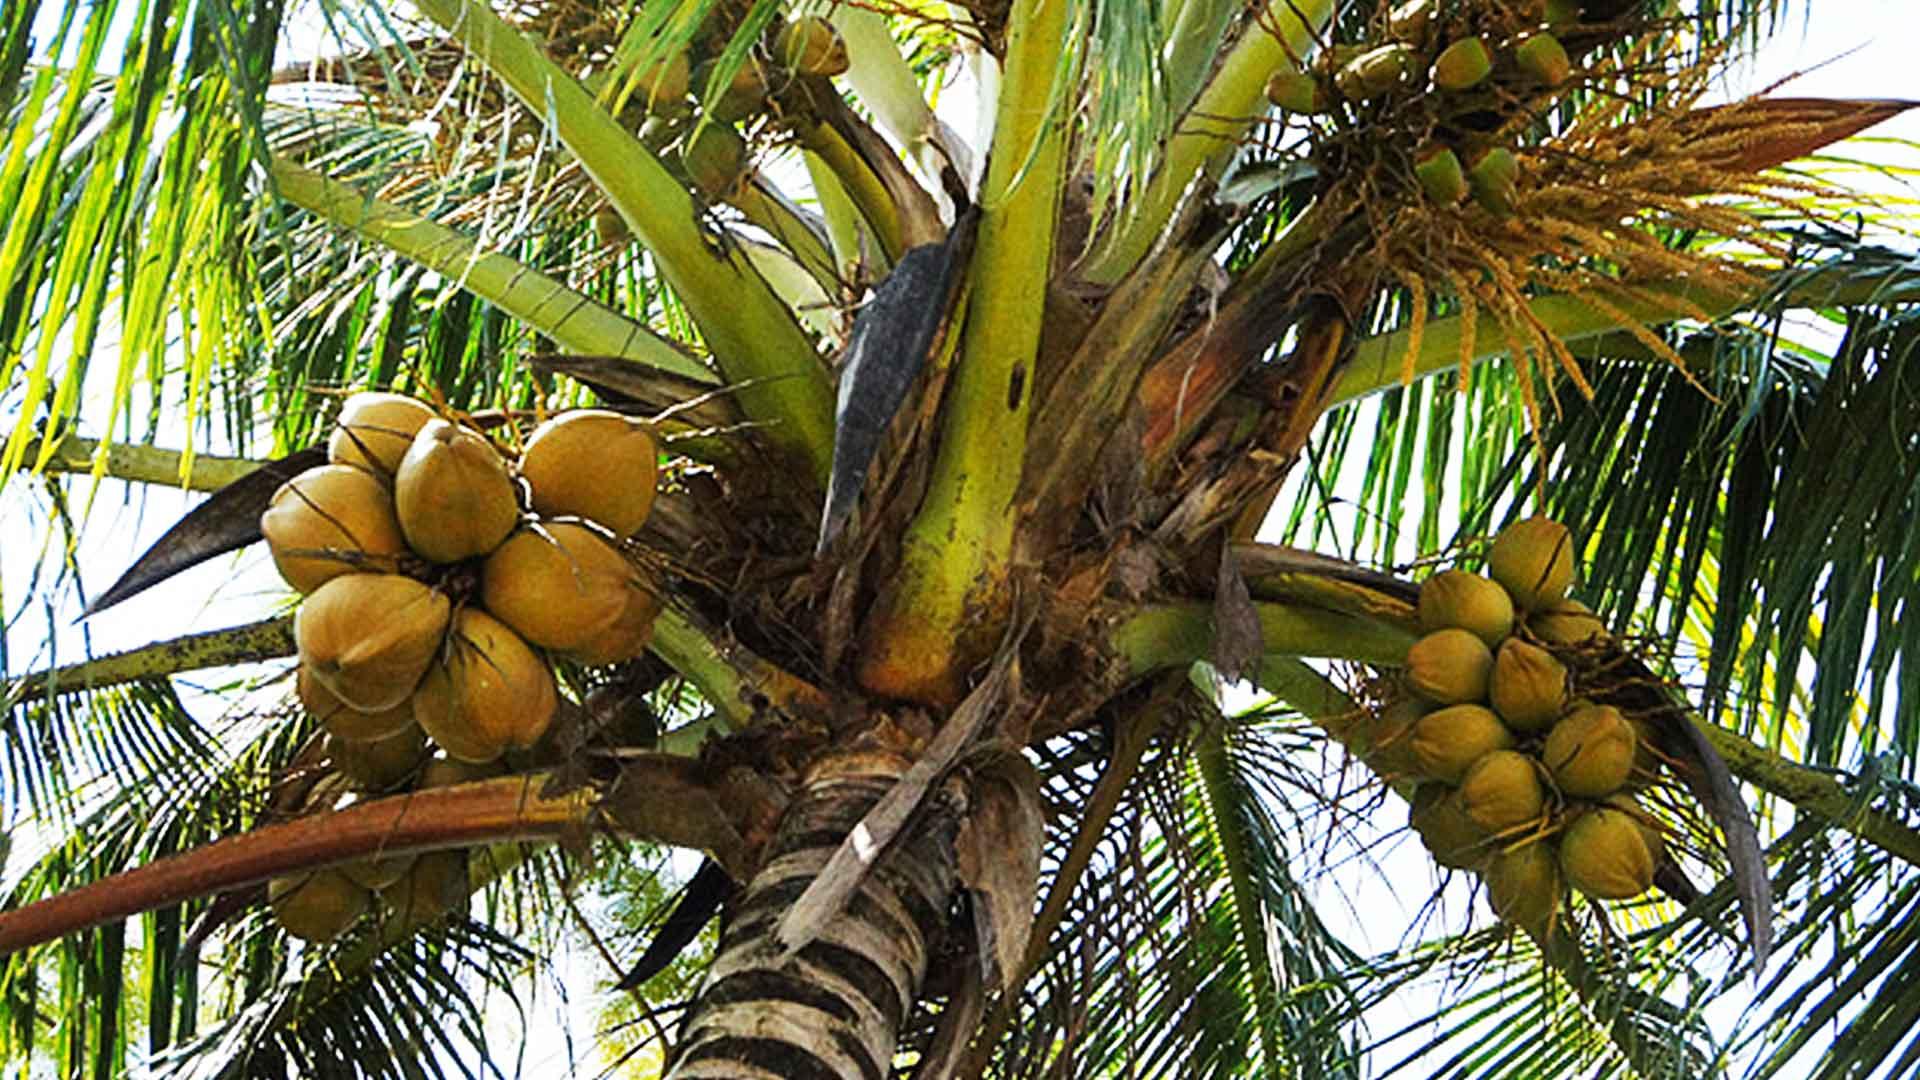 ノンコイルマットレスのカバー素材ココナッツの画像